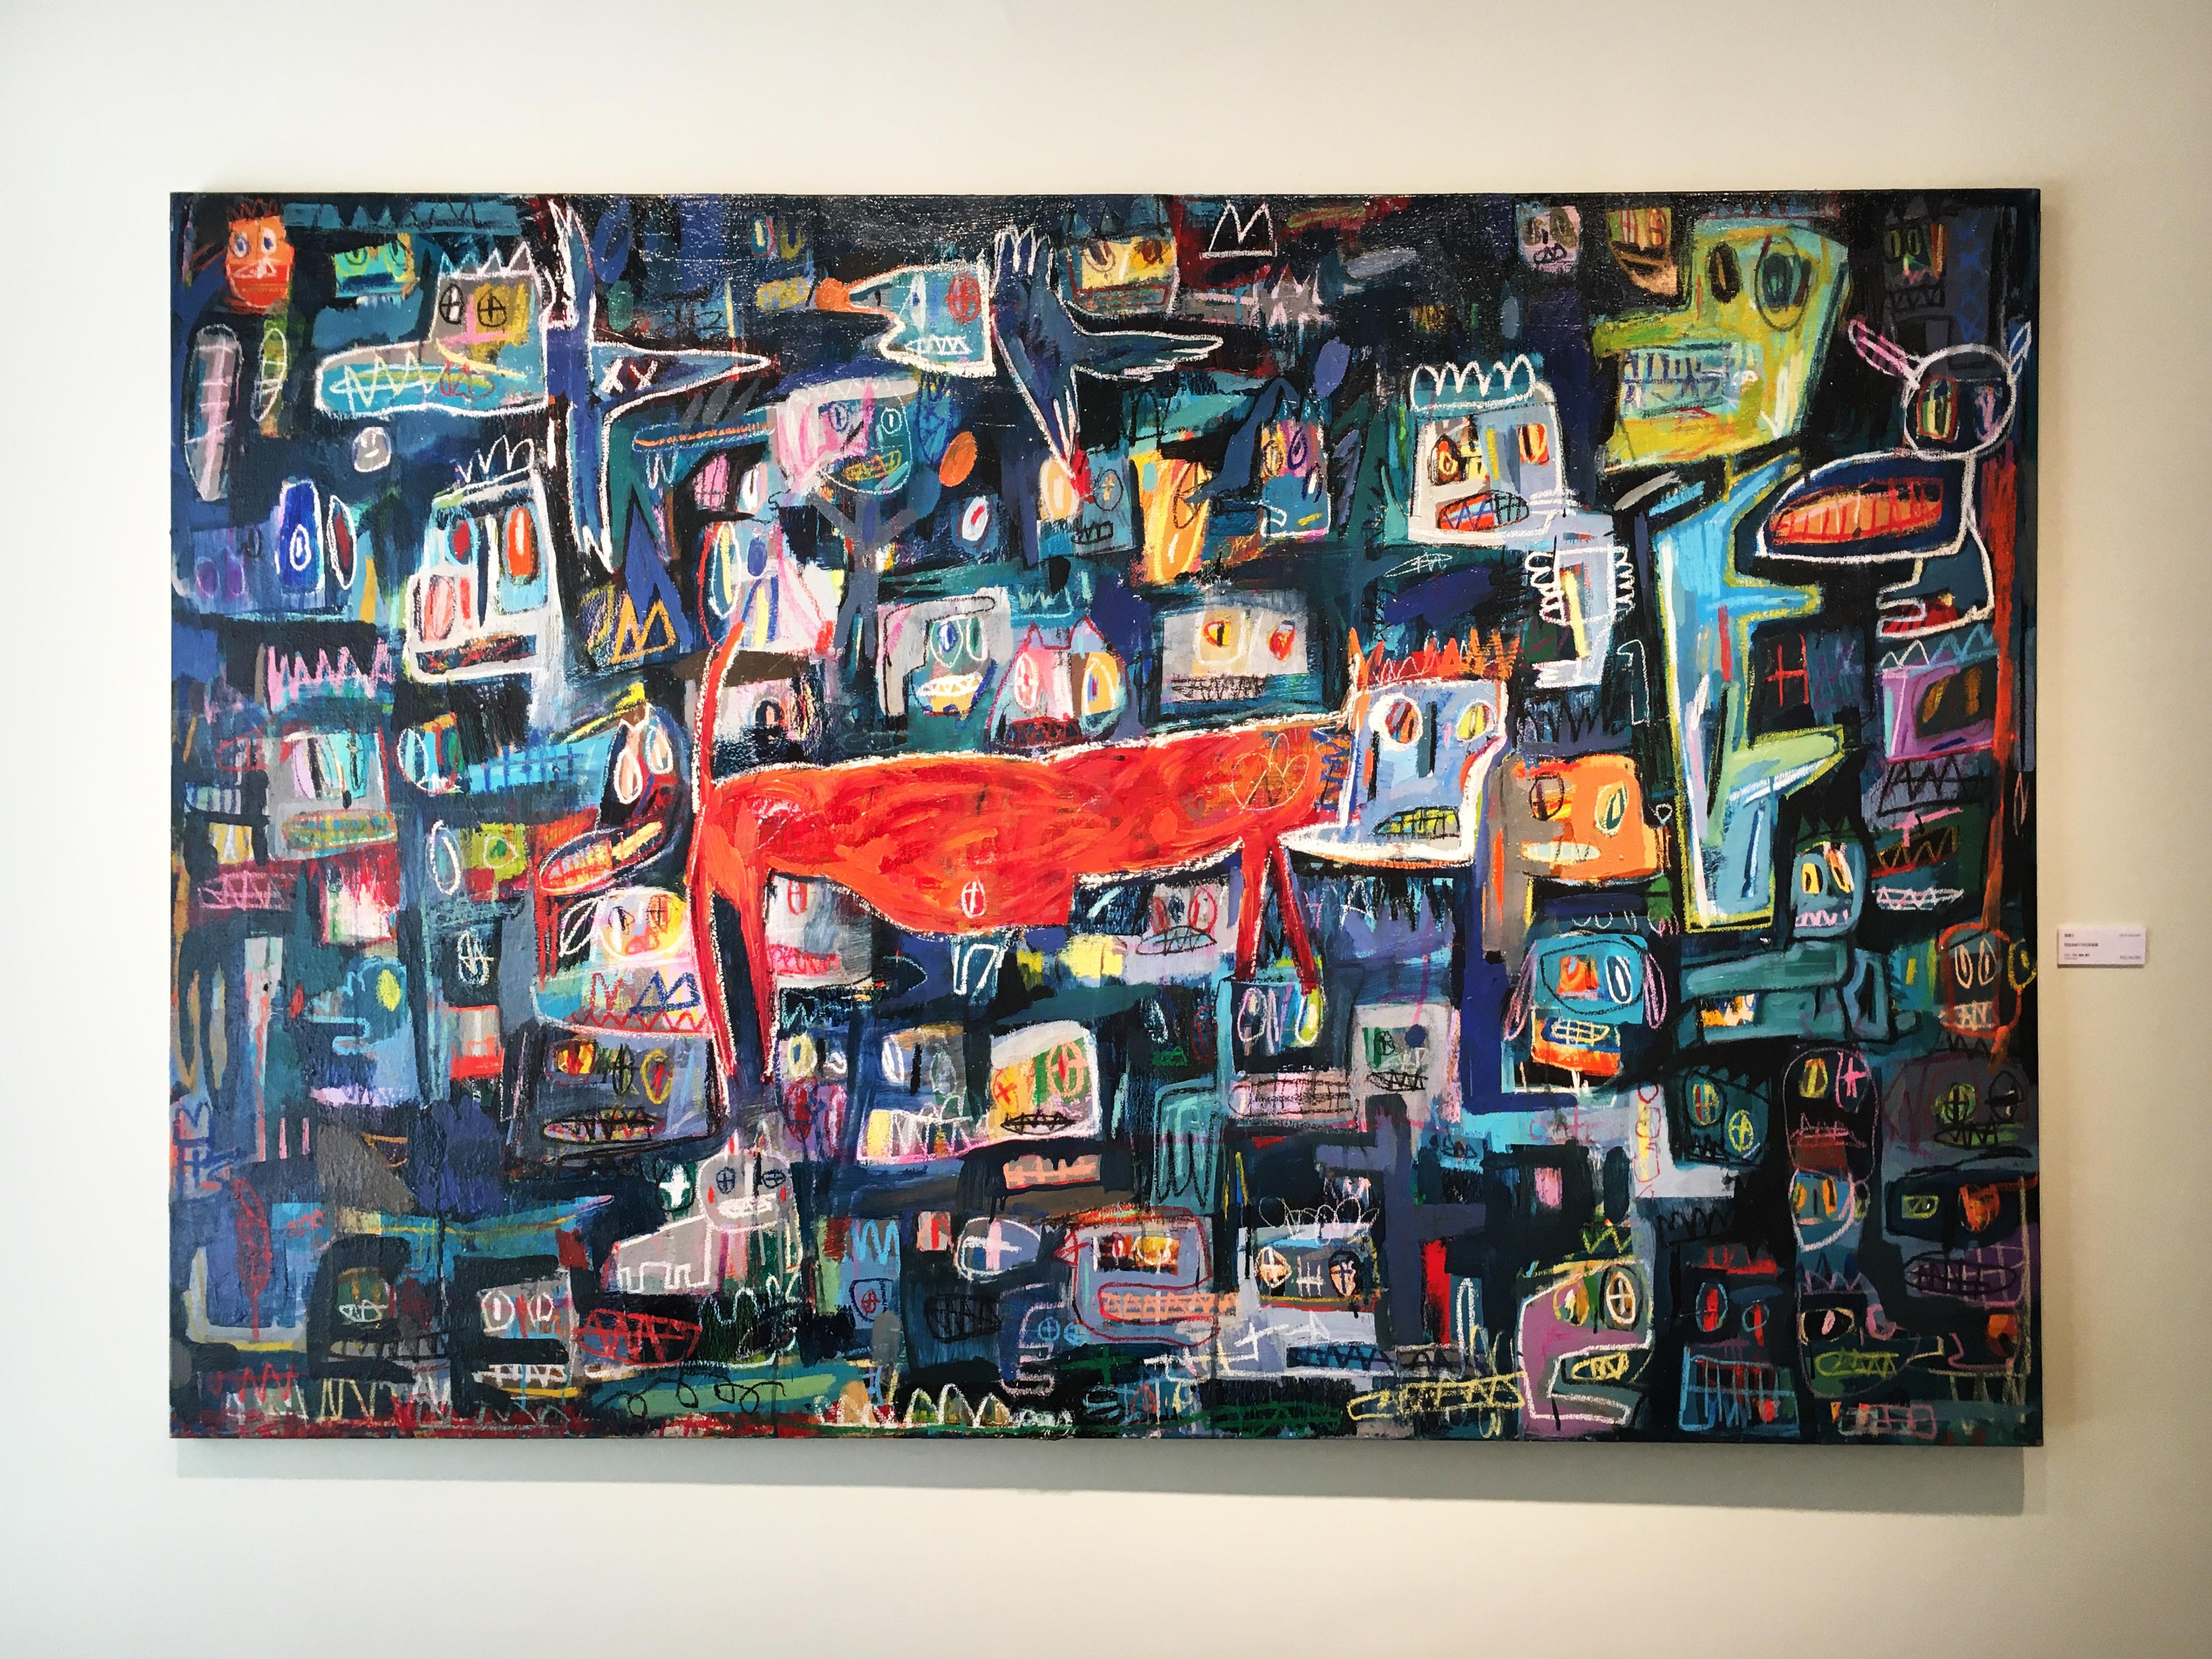 張瓊方,《我發現自己宅在框框裡》,130 x 194 cm,油彩、蠟筆、畫布,2016。